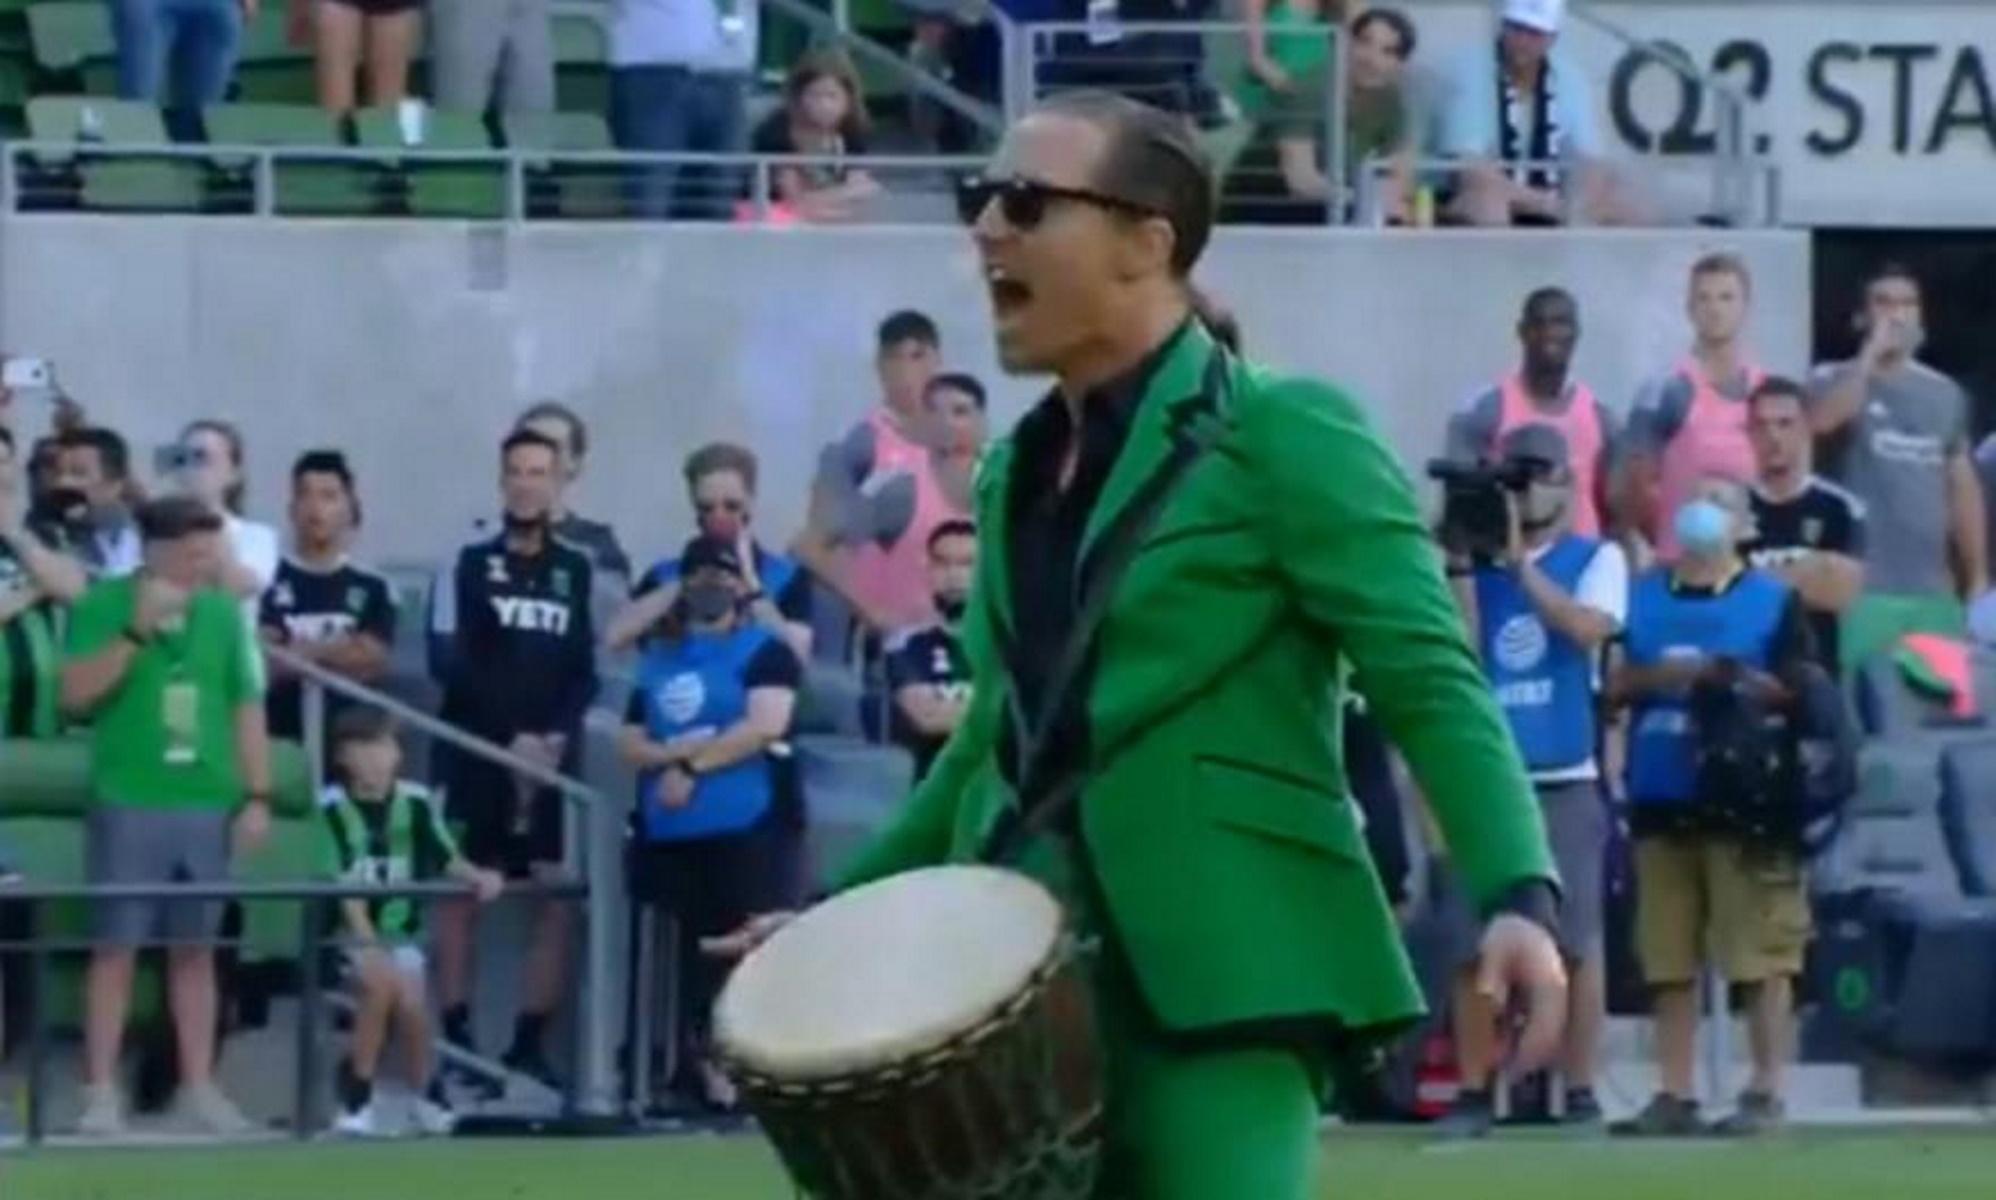 ΜακΚόναχι για Όσκαρ οργάνωσε με τύμπανο την κερκίδα του Όστιν σε ματς του MLS